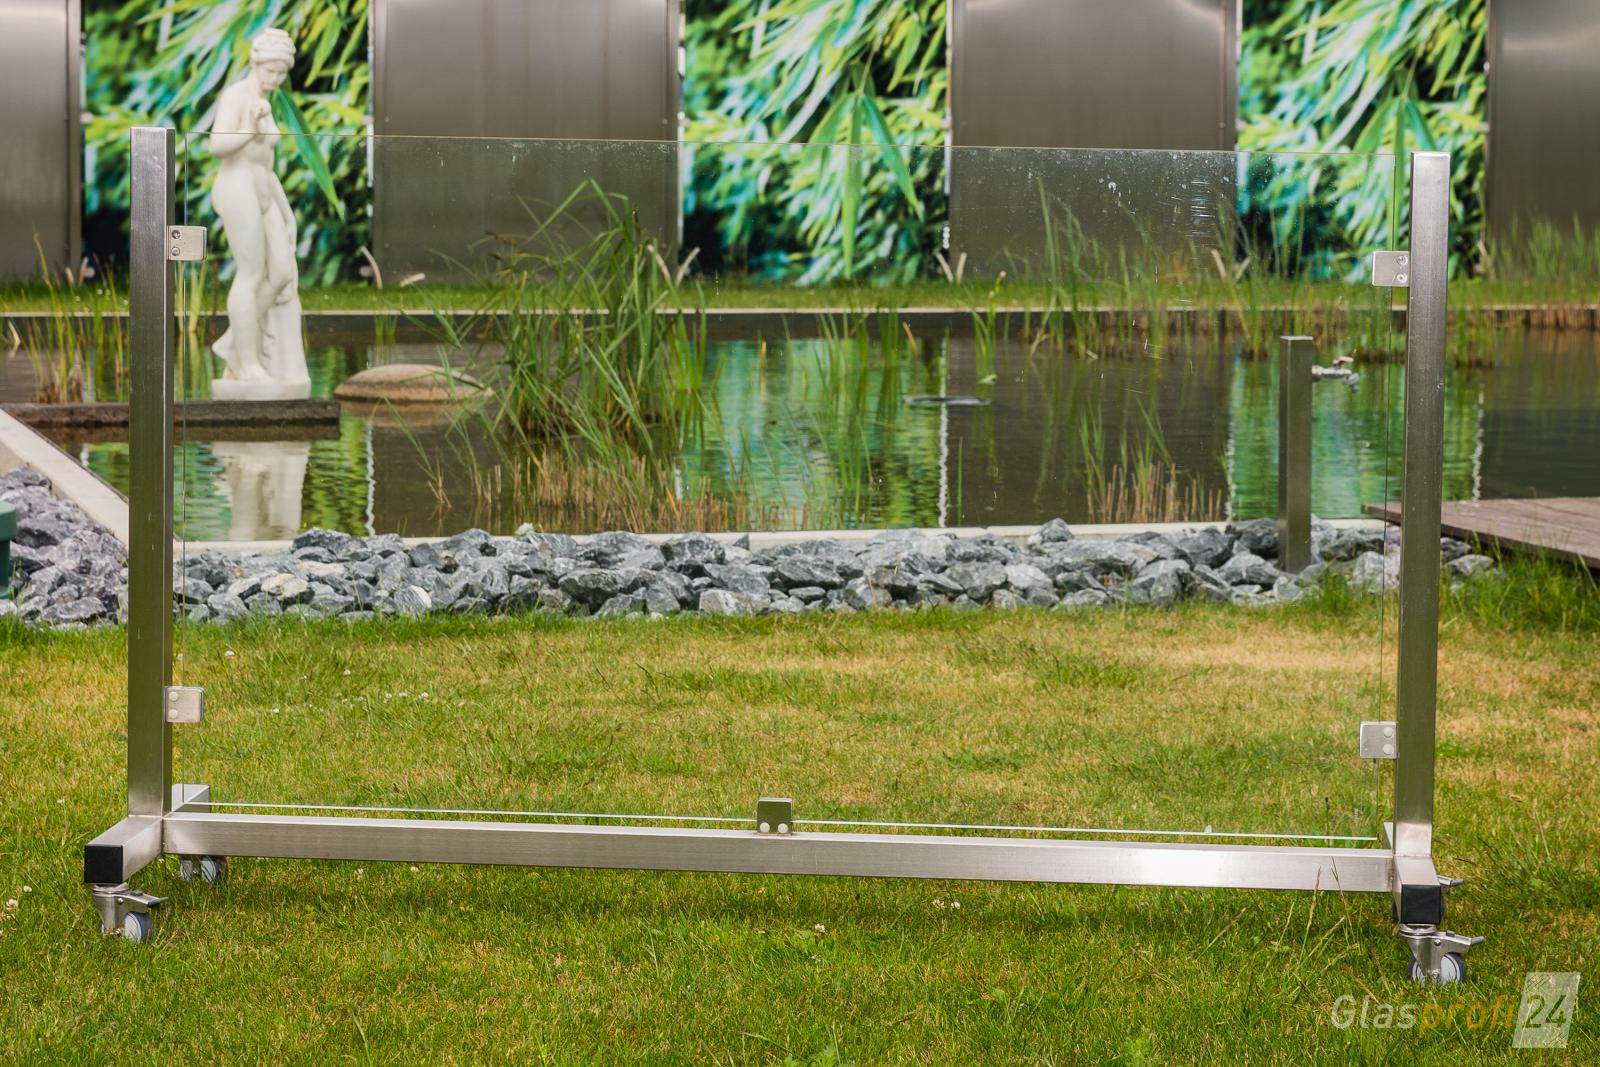 Mobiler Windschutz Terrasse ~ Glas windschutz auf rollen glasprofi